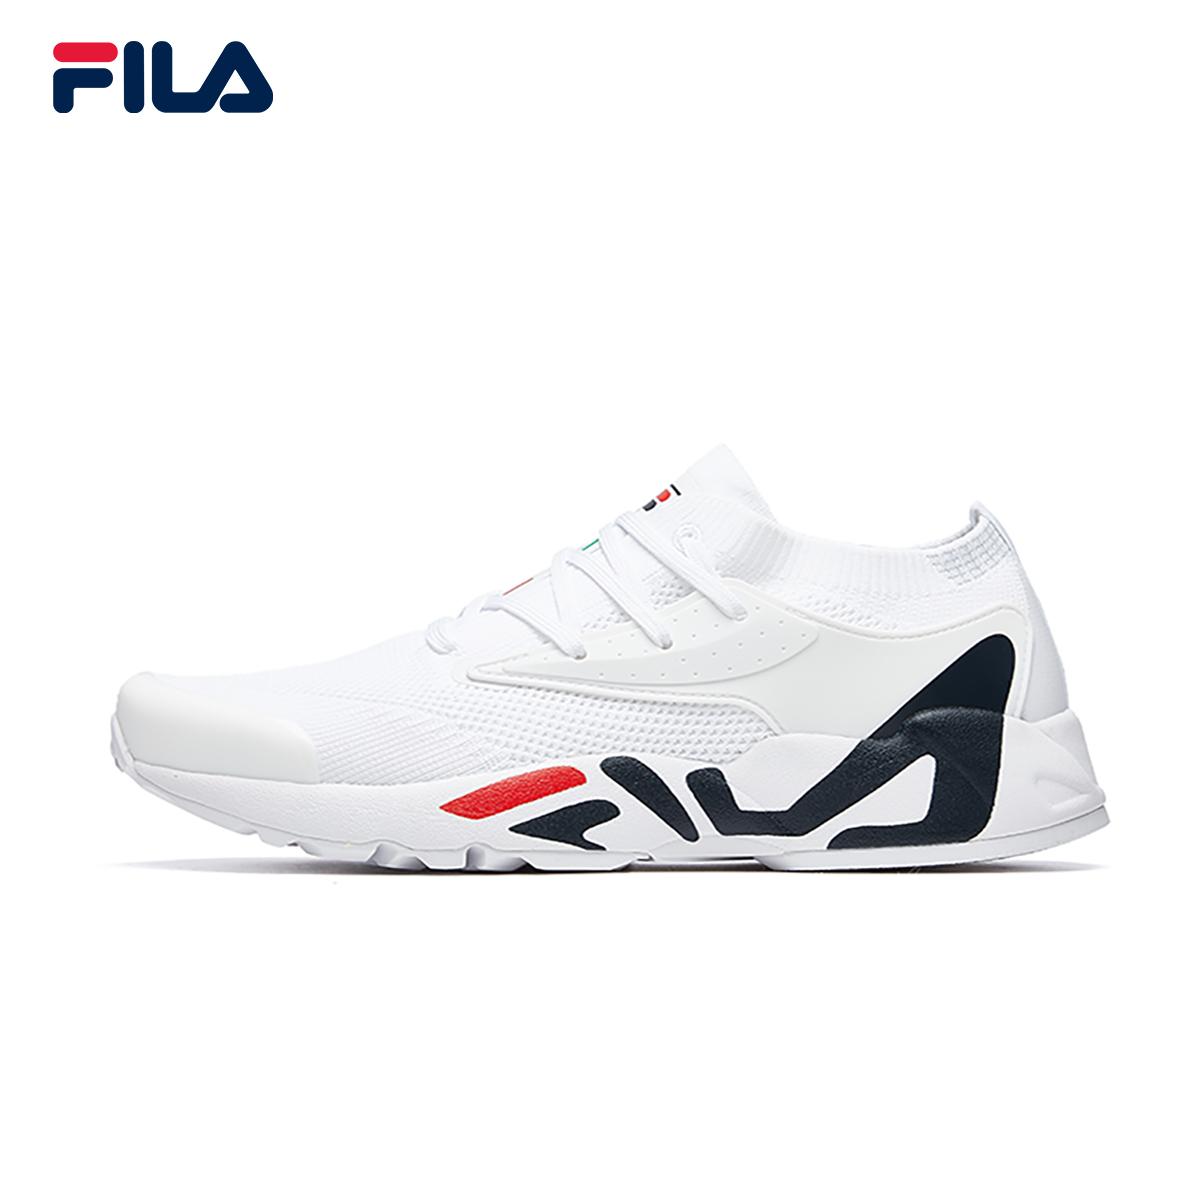 Giày chạy bộ của FILA Feile Giày dép thoáng khí dệt lưới giày thể thao 2020 mùa xuân và mùa hè giày thể thao mới - Giày chạy bộ